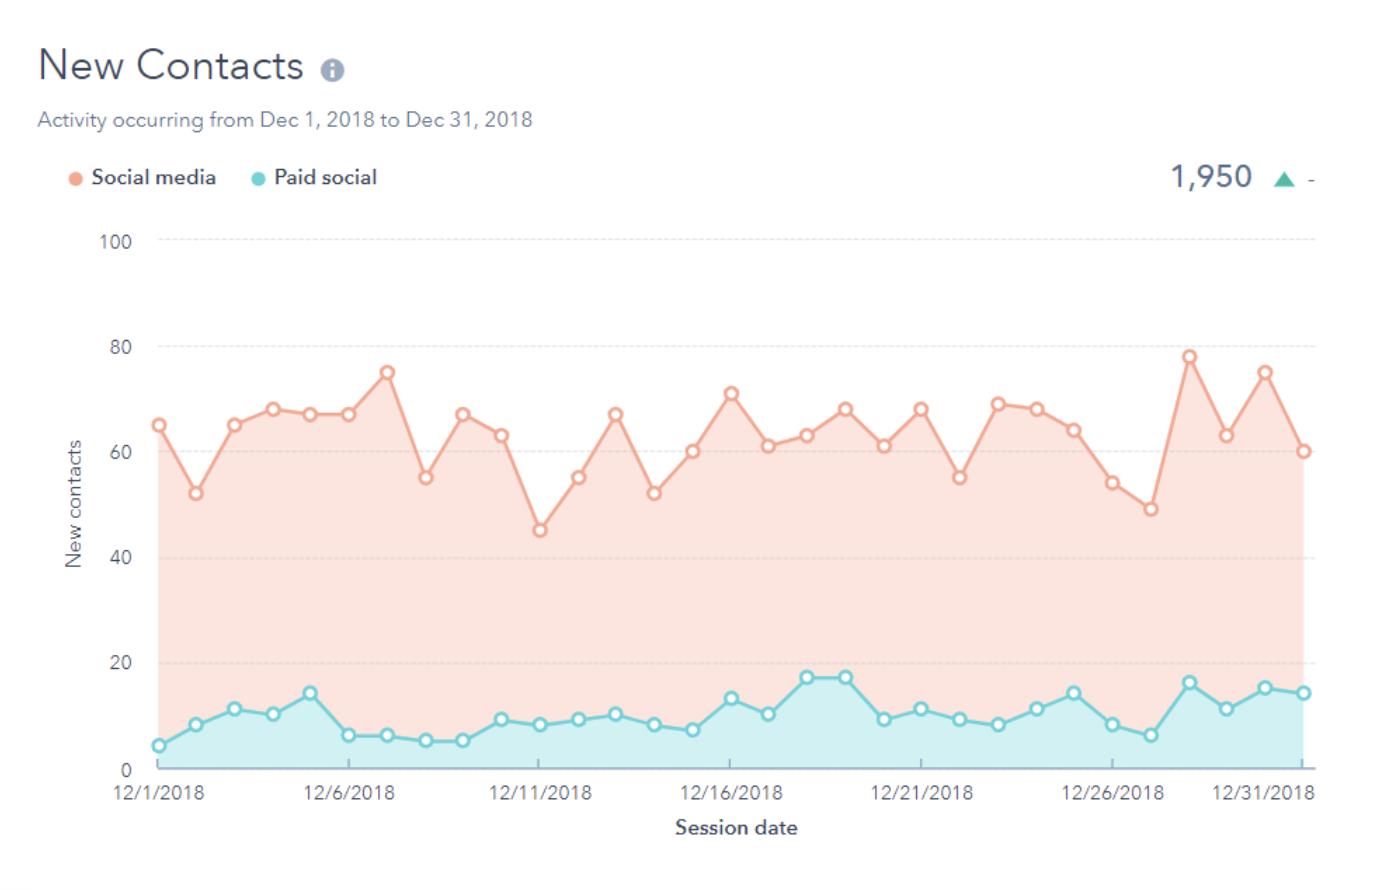 nuovo rapporto di analisi dei social media dei contatti